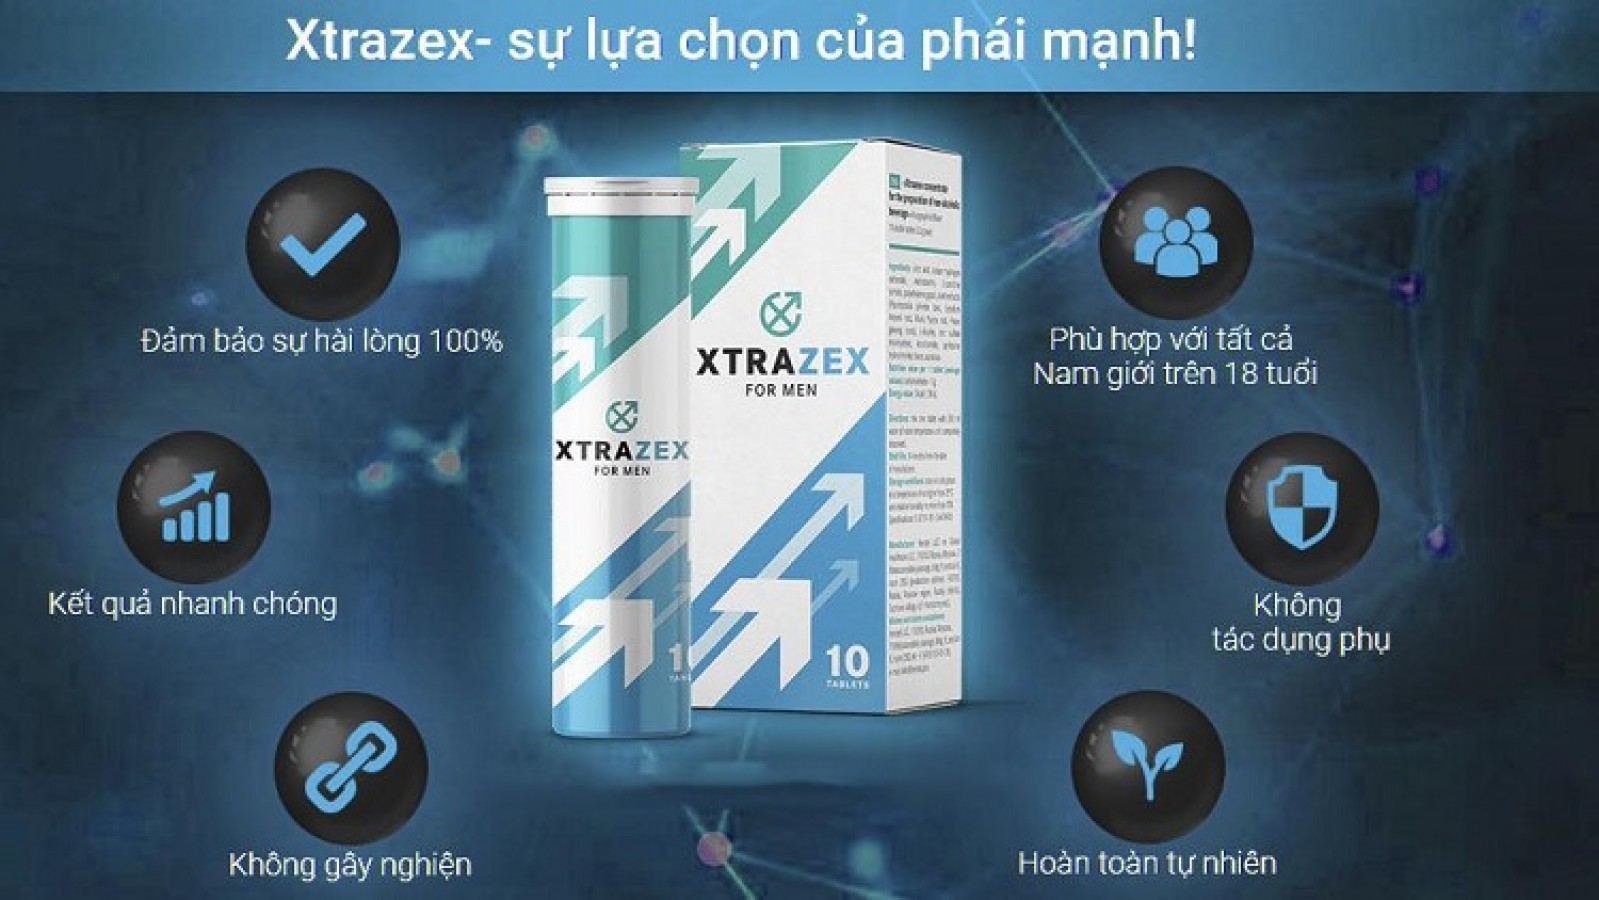 Viên Sủi Xtrazex Tăng Cường Sinh Lý Cho Nam